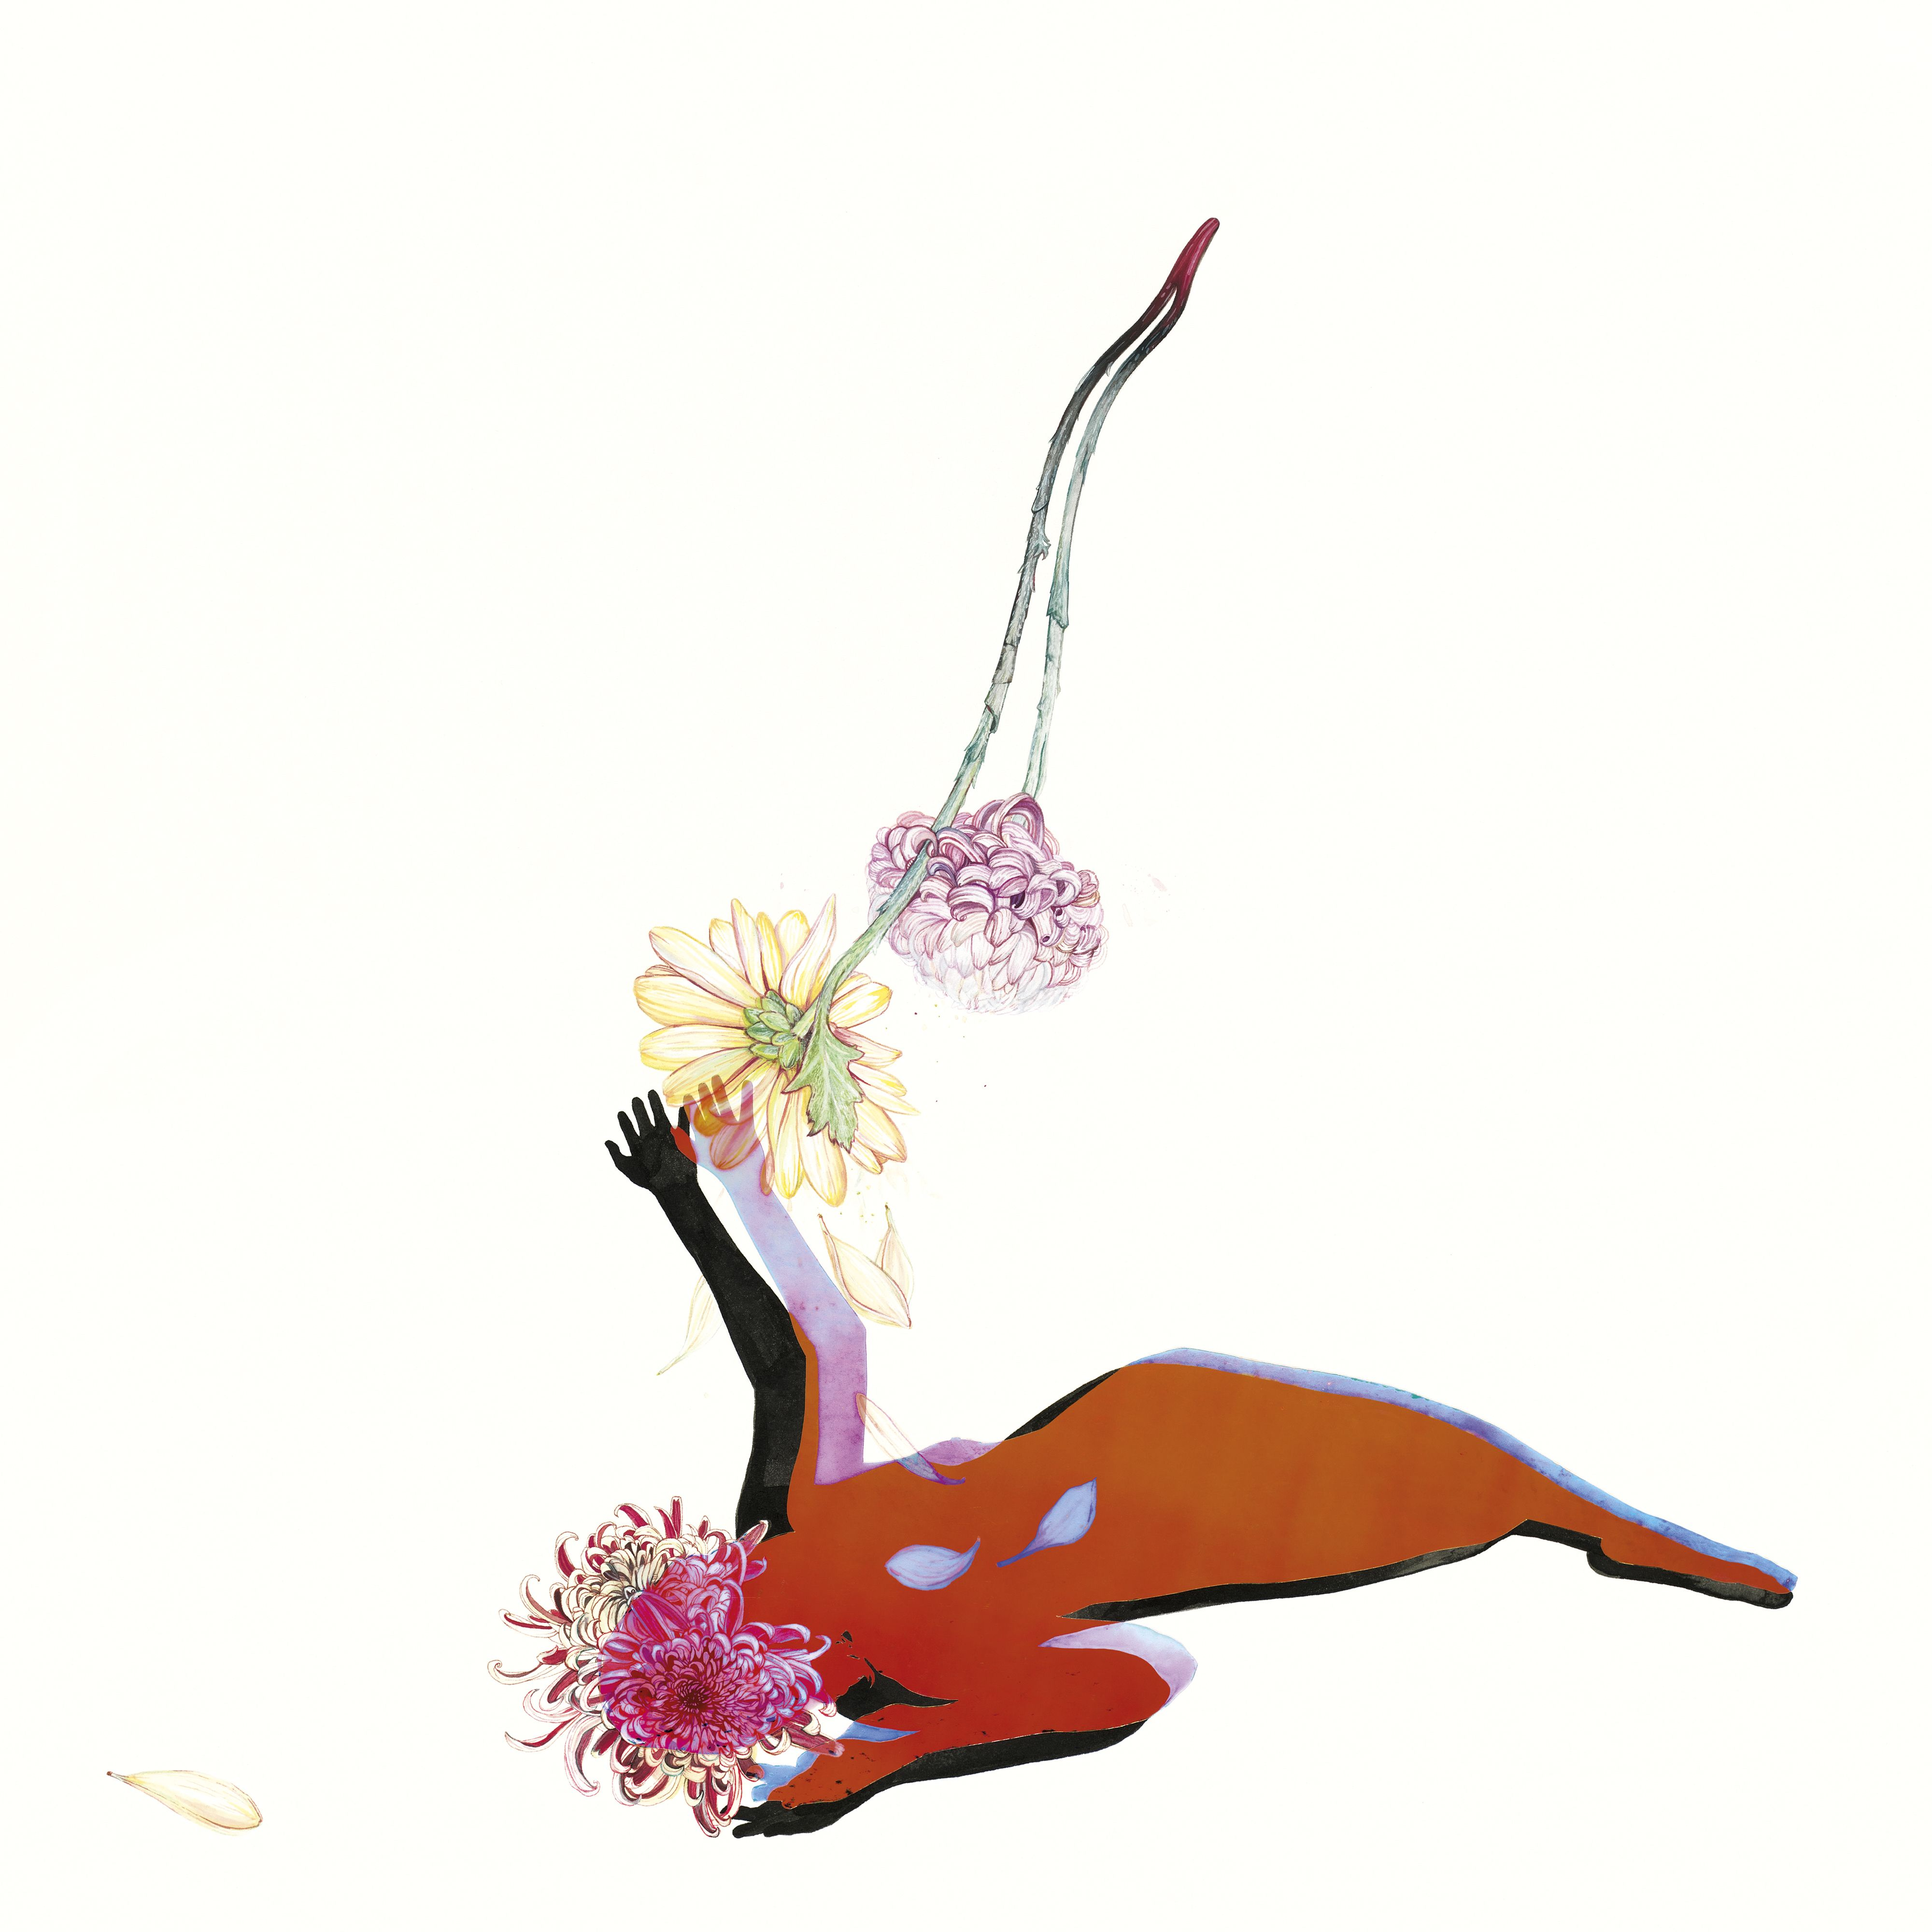 Future Islands - The Far Field album cover